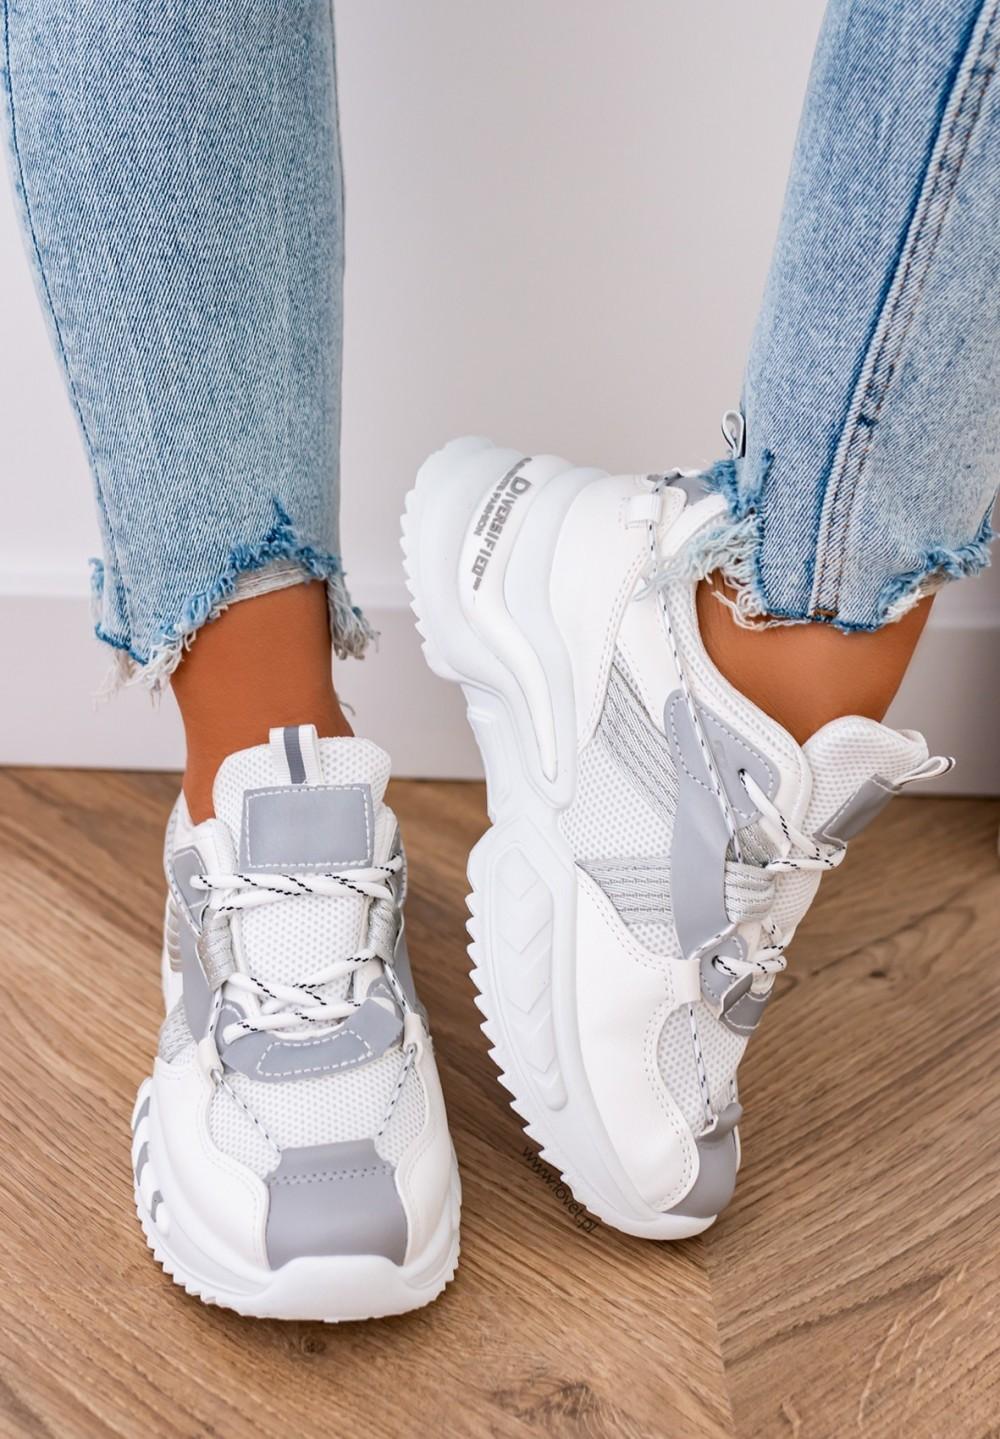 Trampki Sneakersy Siateczkowe Białe July